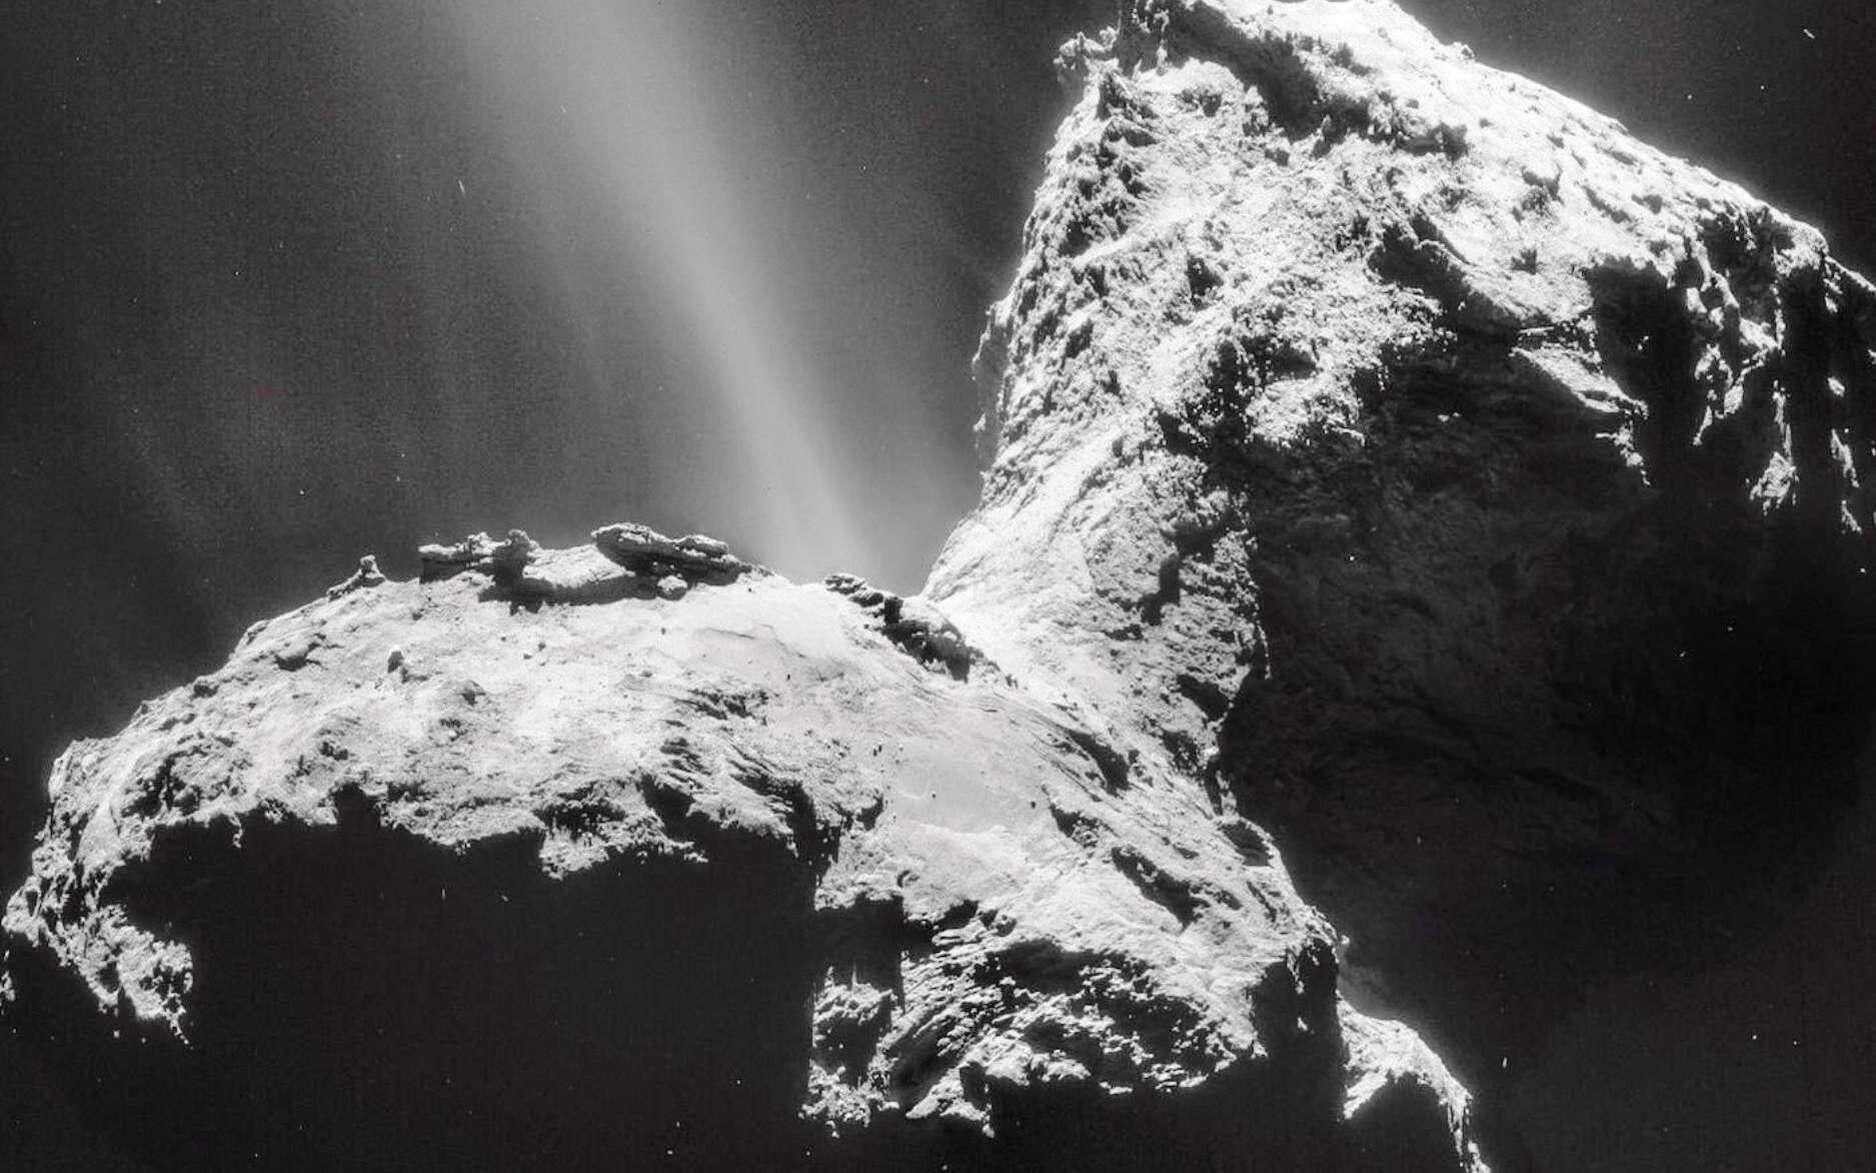 Le noyau de la comète 67P/Churyumov-Gerasimenko photographiée par la sonde Rosetta. © ESA